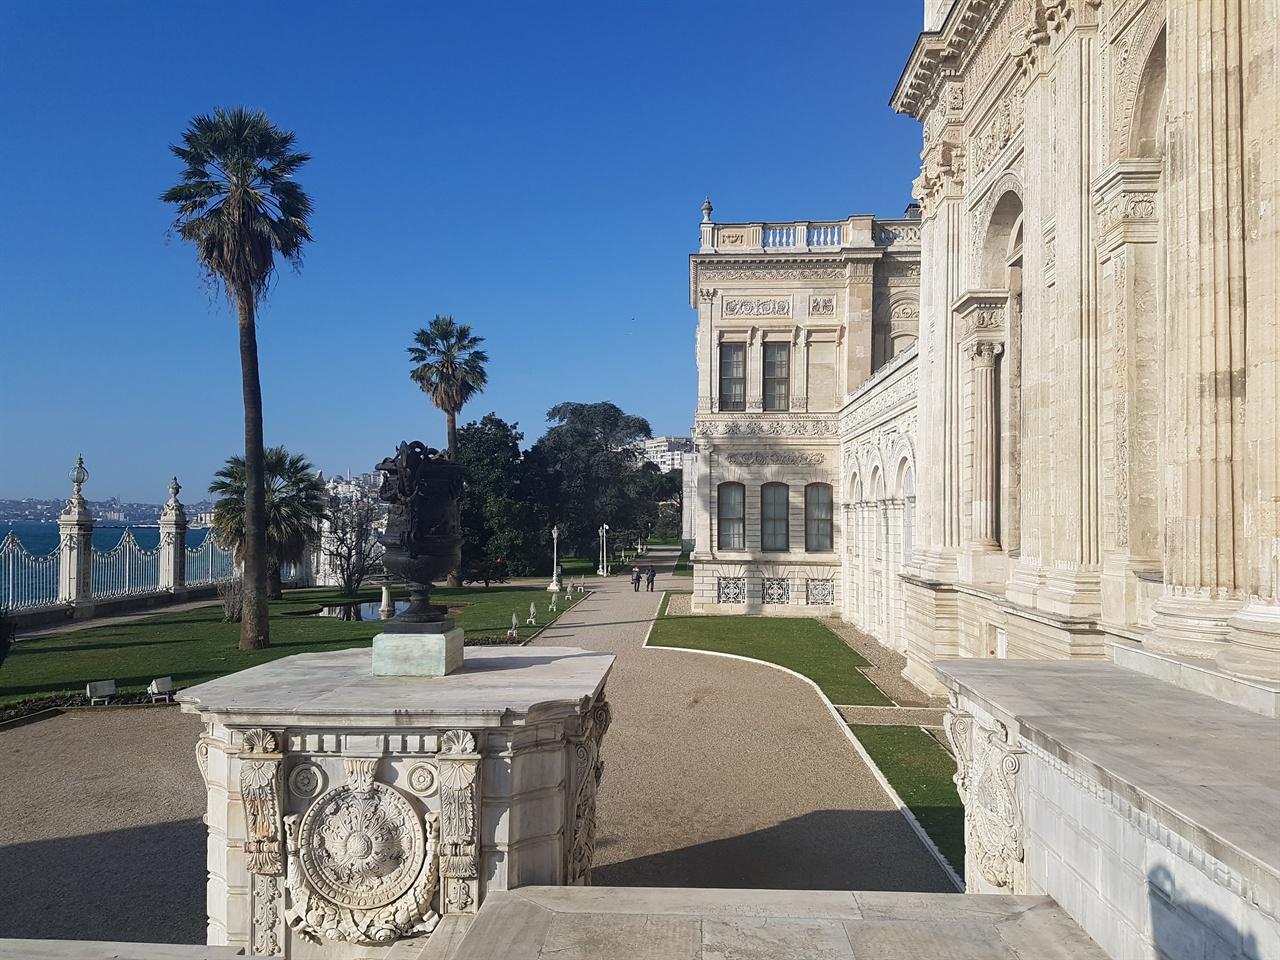 19세기 중반 보스포루스 해협에 인접한 돌마바흐체 궁전은 프랑스 베르사유 궁전을 모델로 건축되었습니다.